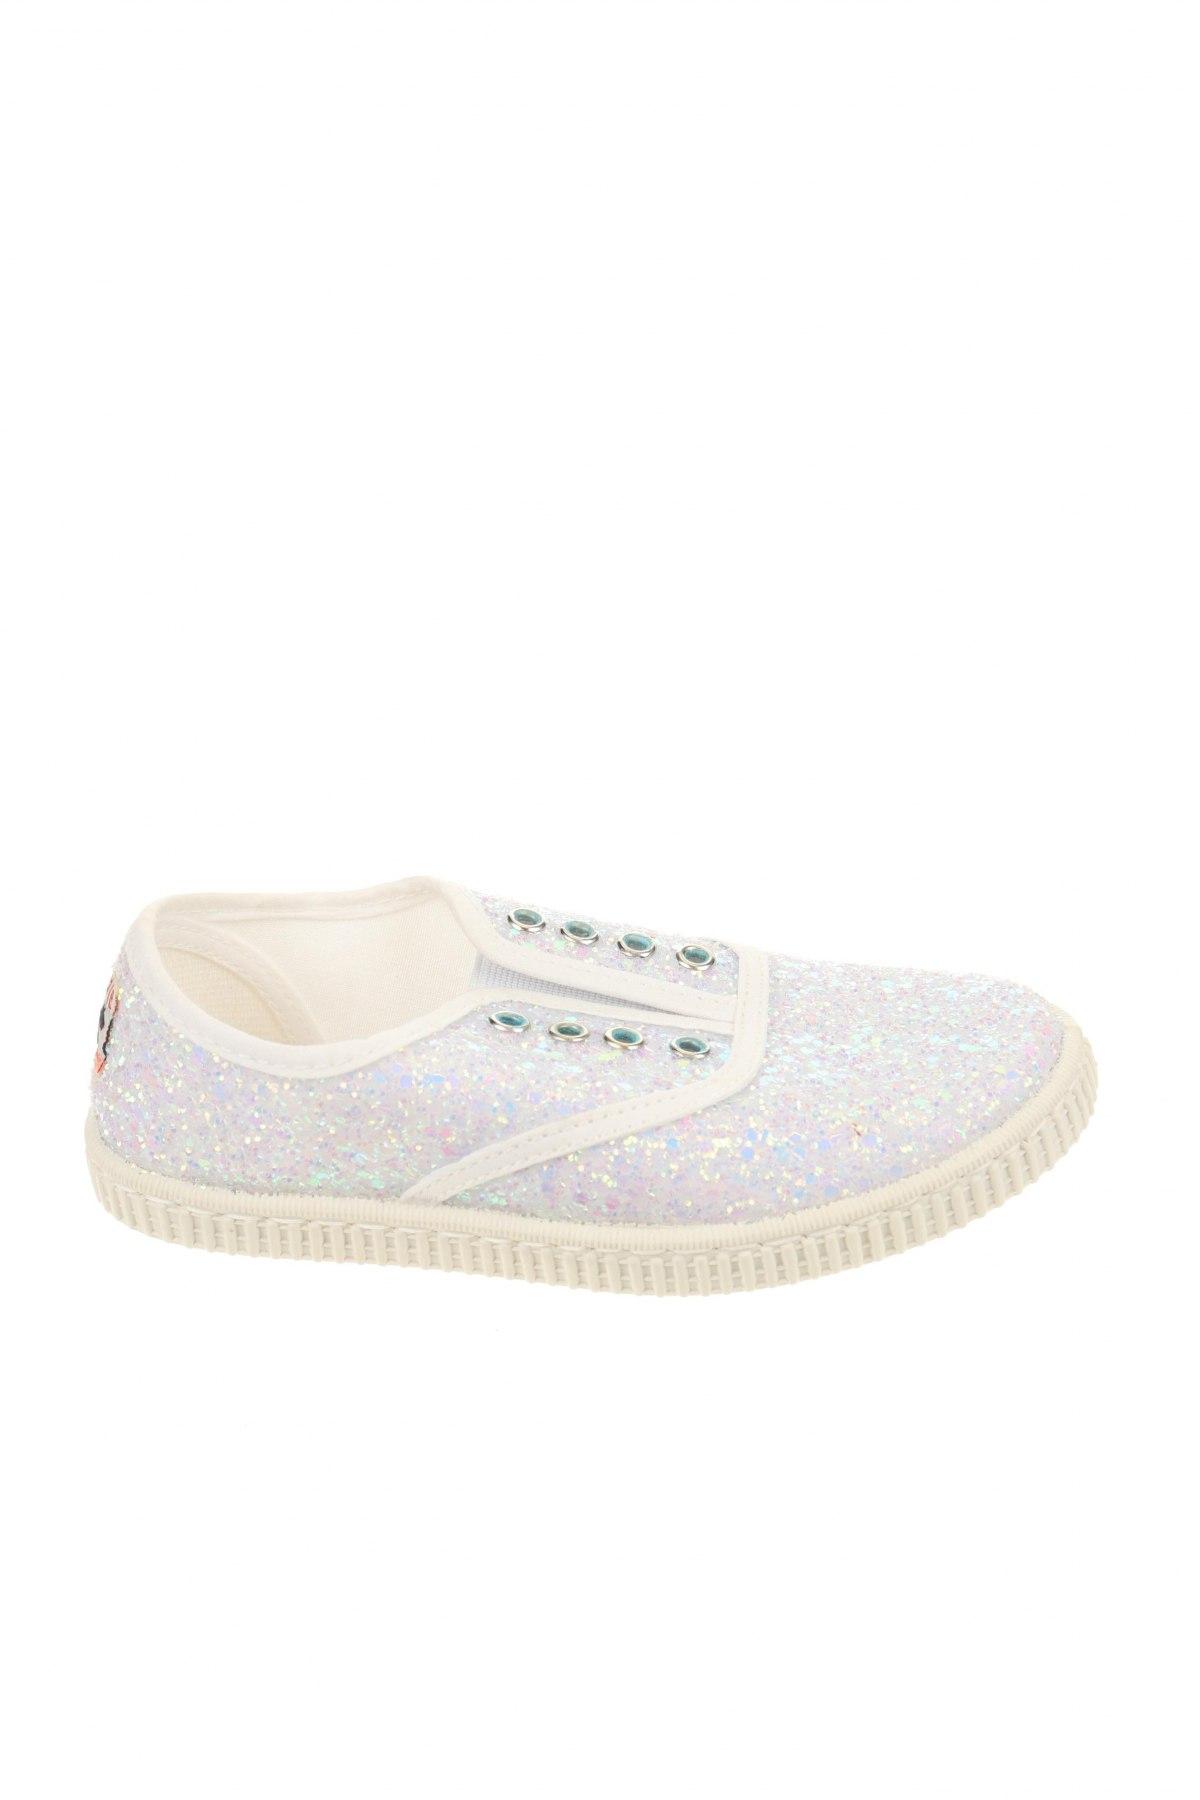 Παιδικά παπούτσια Chipie, Μέγεθος 29, Χρώμα Πολύχρωμο, Κλωστοϋφαντουργικά προϊόντα, Τιμή 6,32€